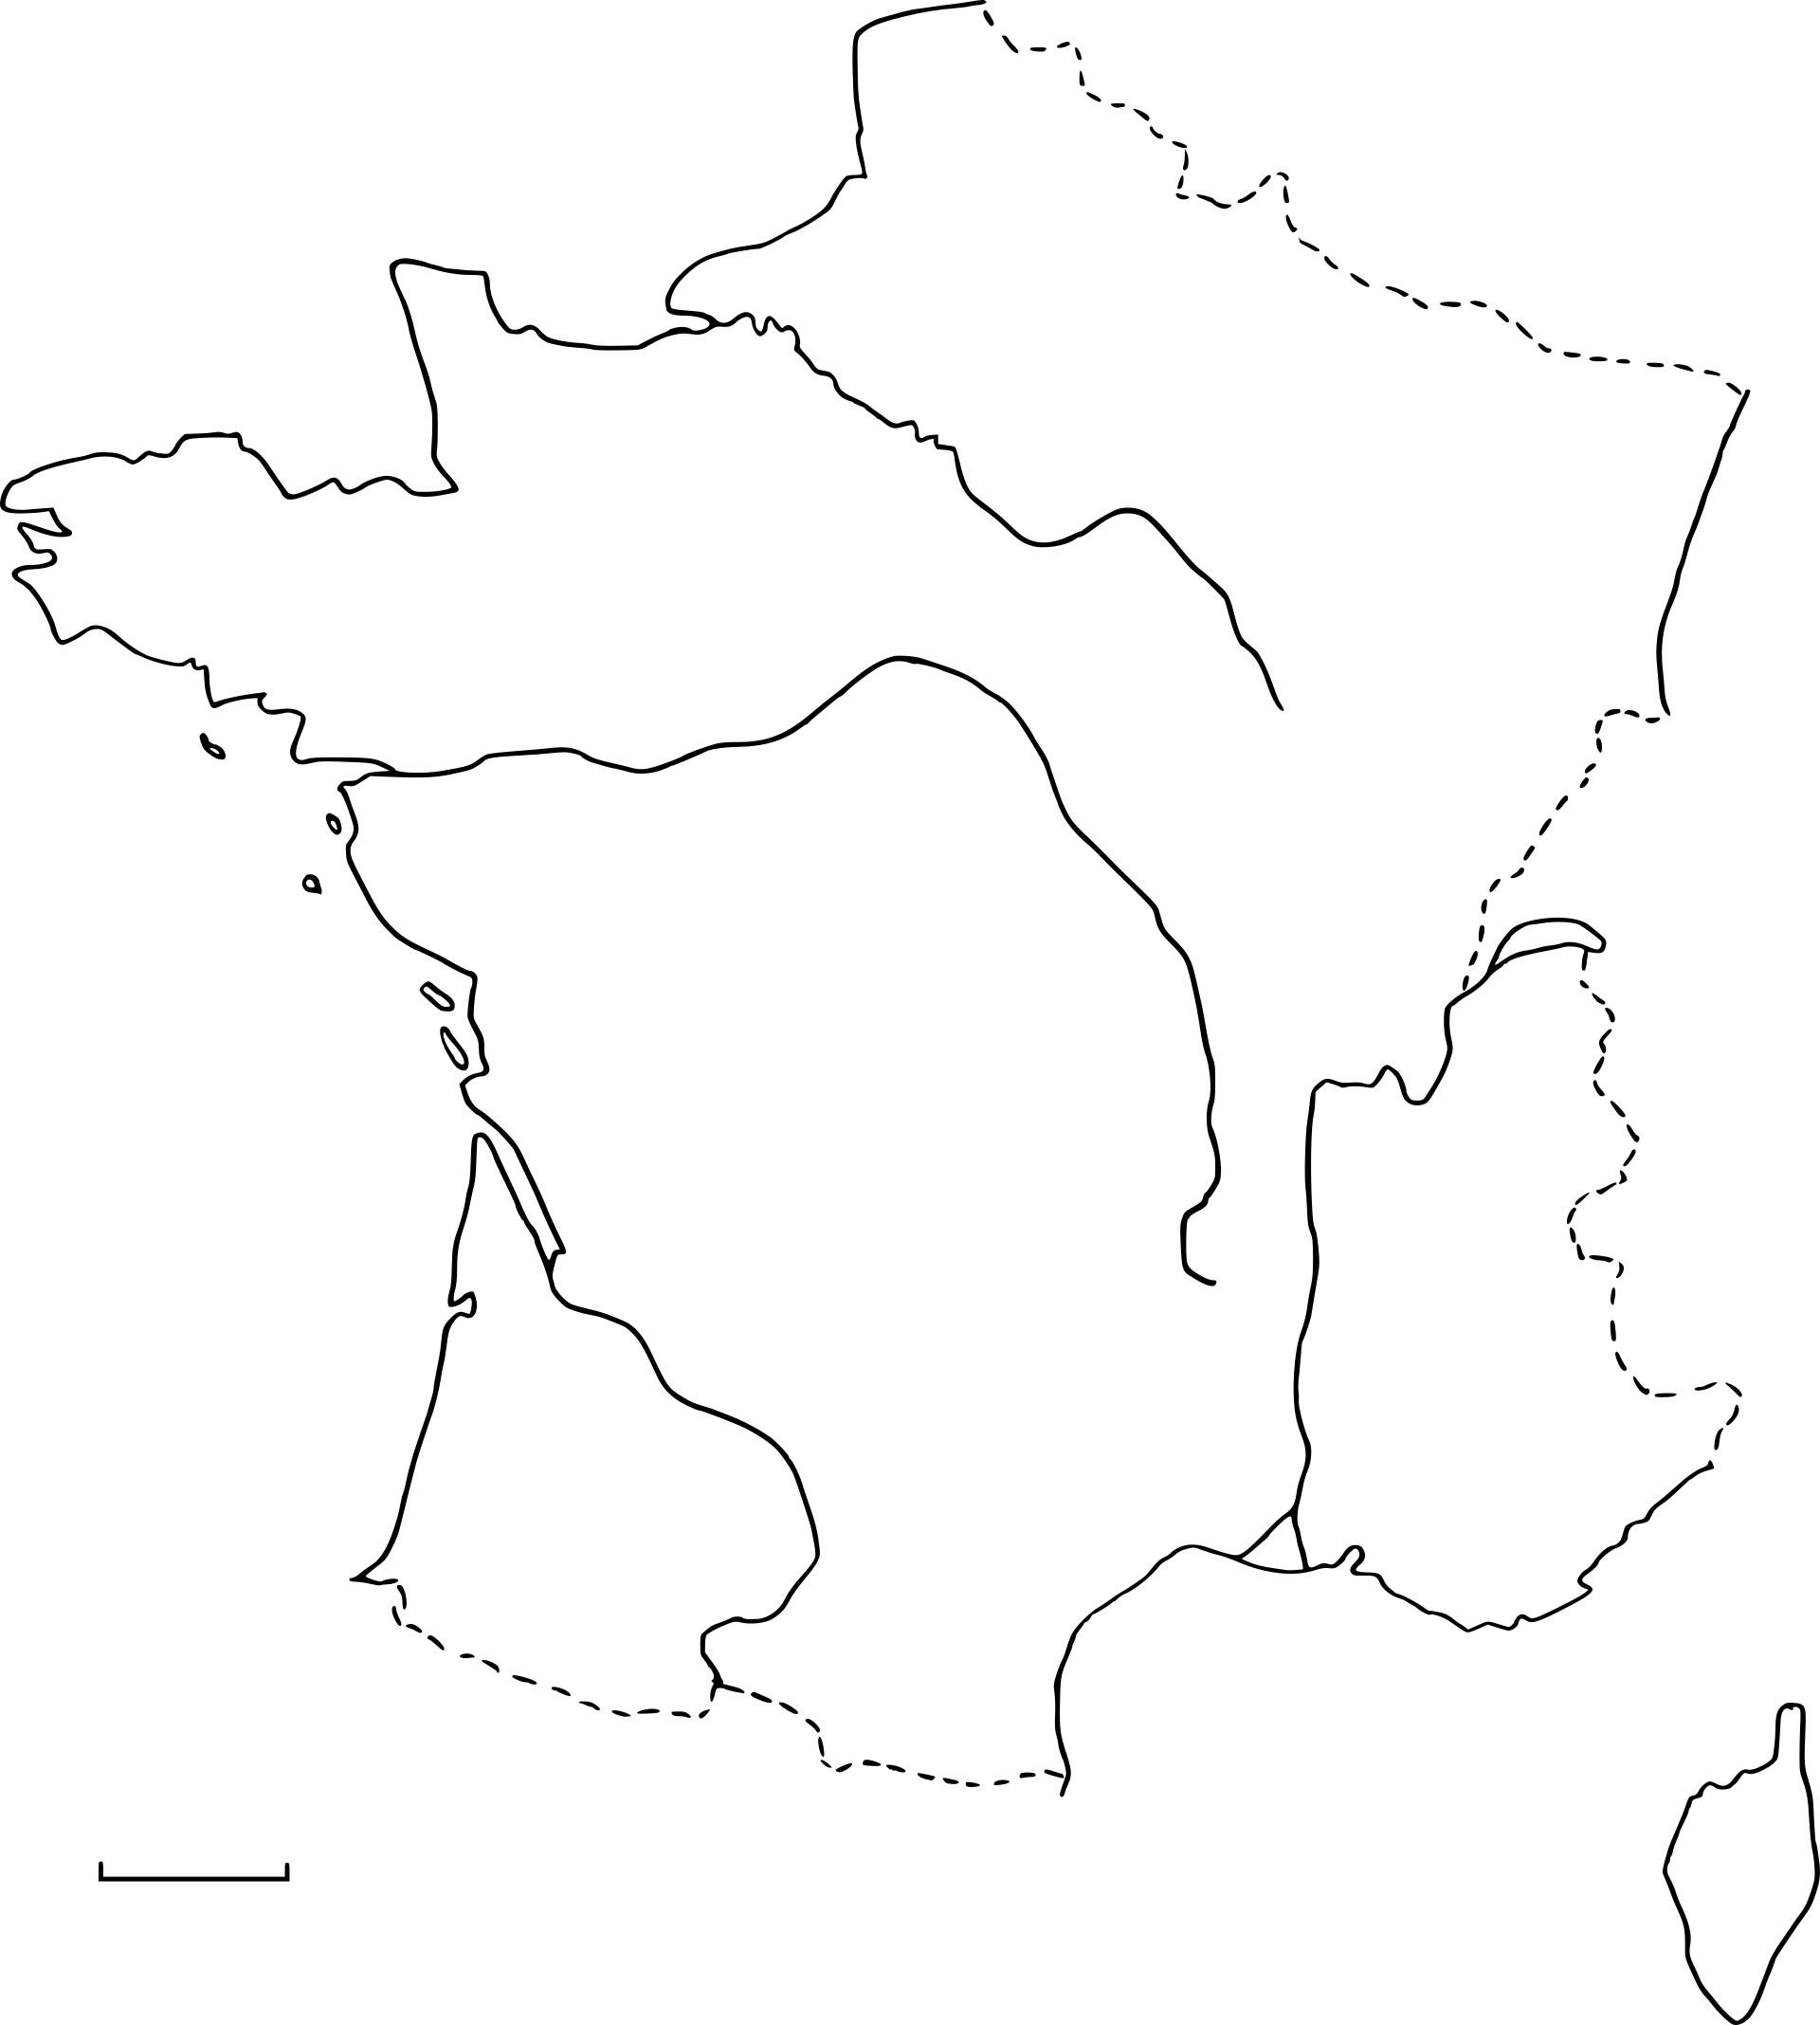 Coloriage Carte De France Vierge À Imprimer dedans Carte De France Vierge A Imprimer